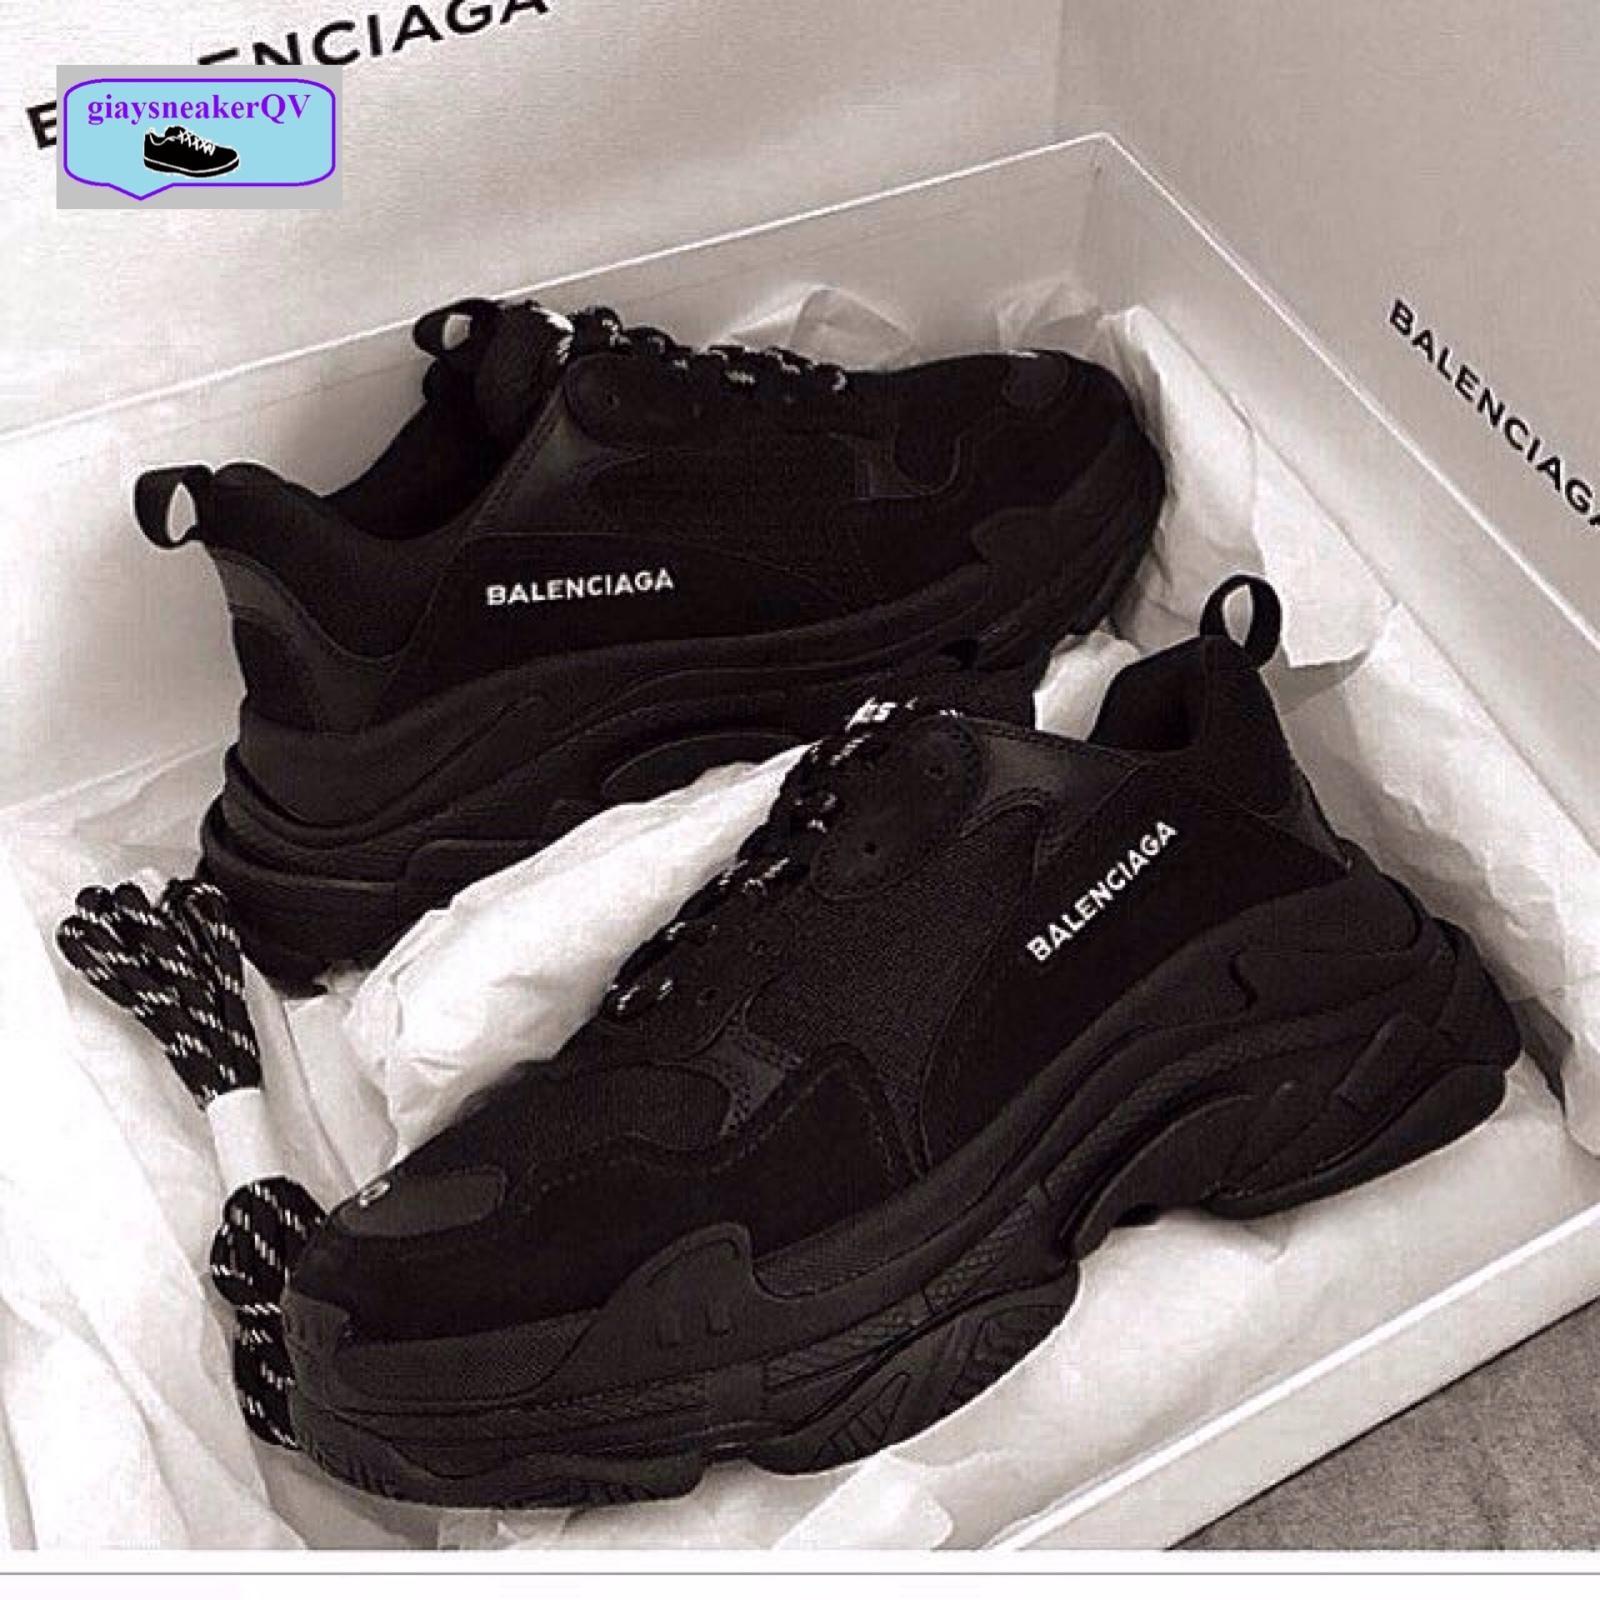 Hình ảnh (FULL BOX) Giày sneaker BALEN TRIPLE S đen